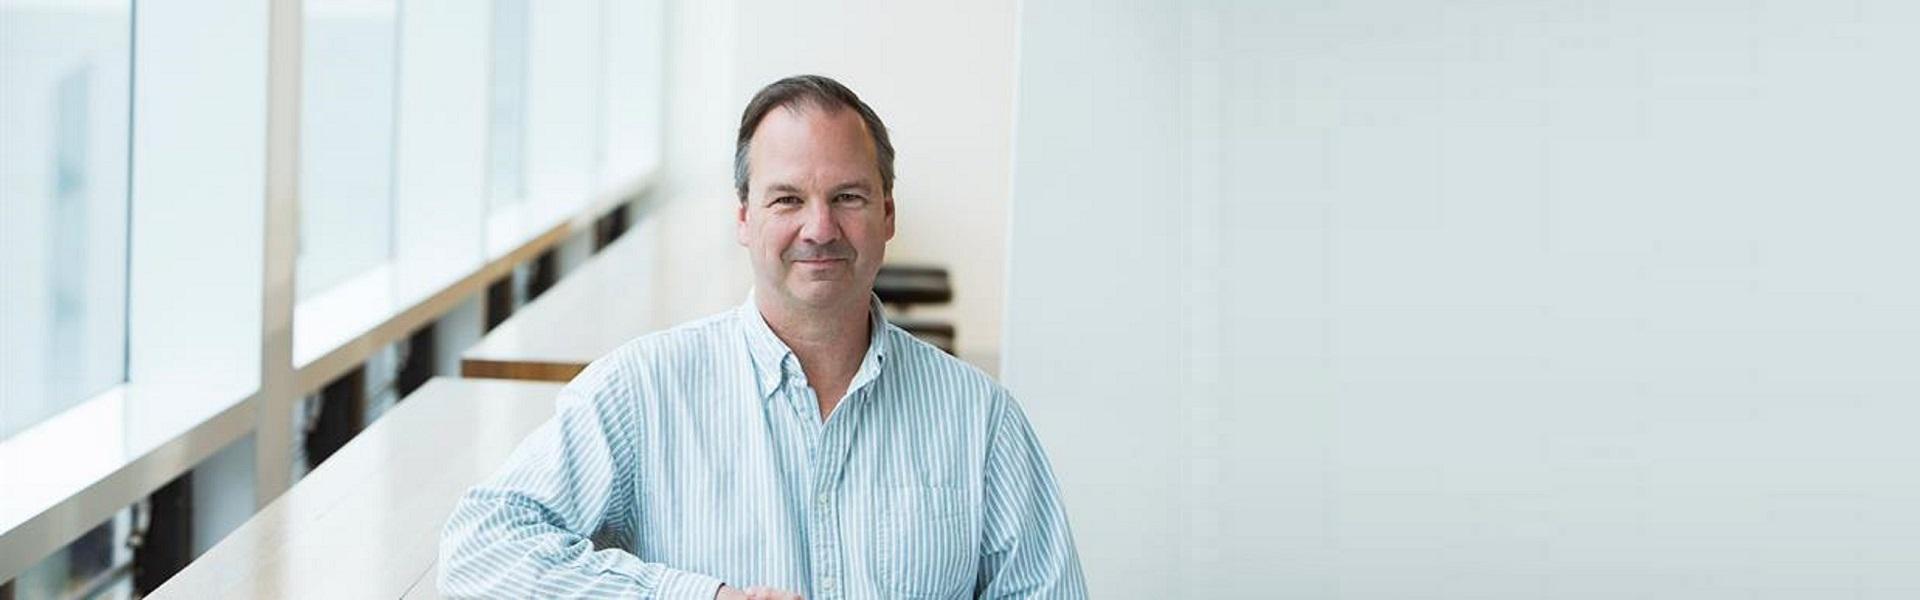 CEPAR Chief Investigator Mike Keane